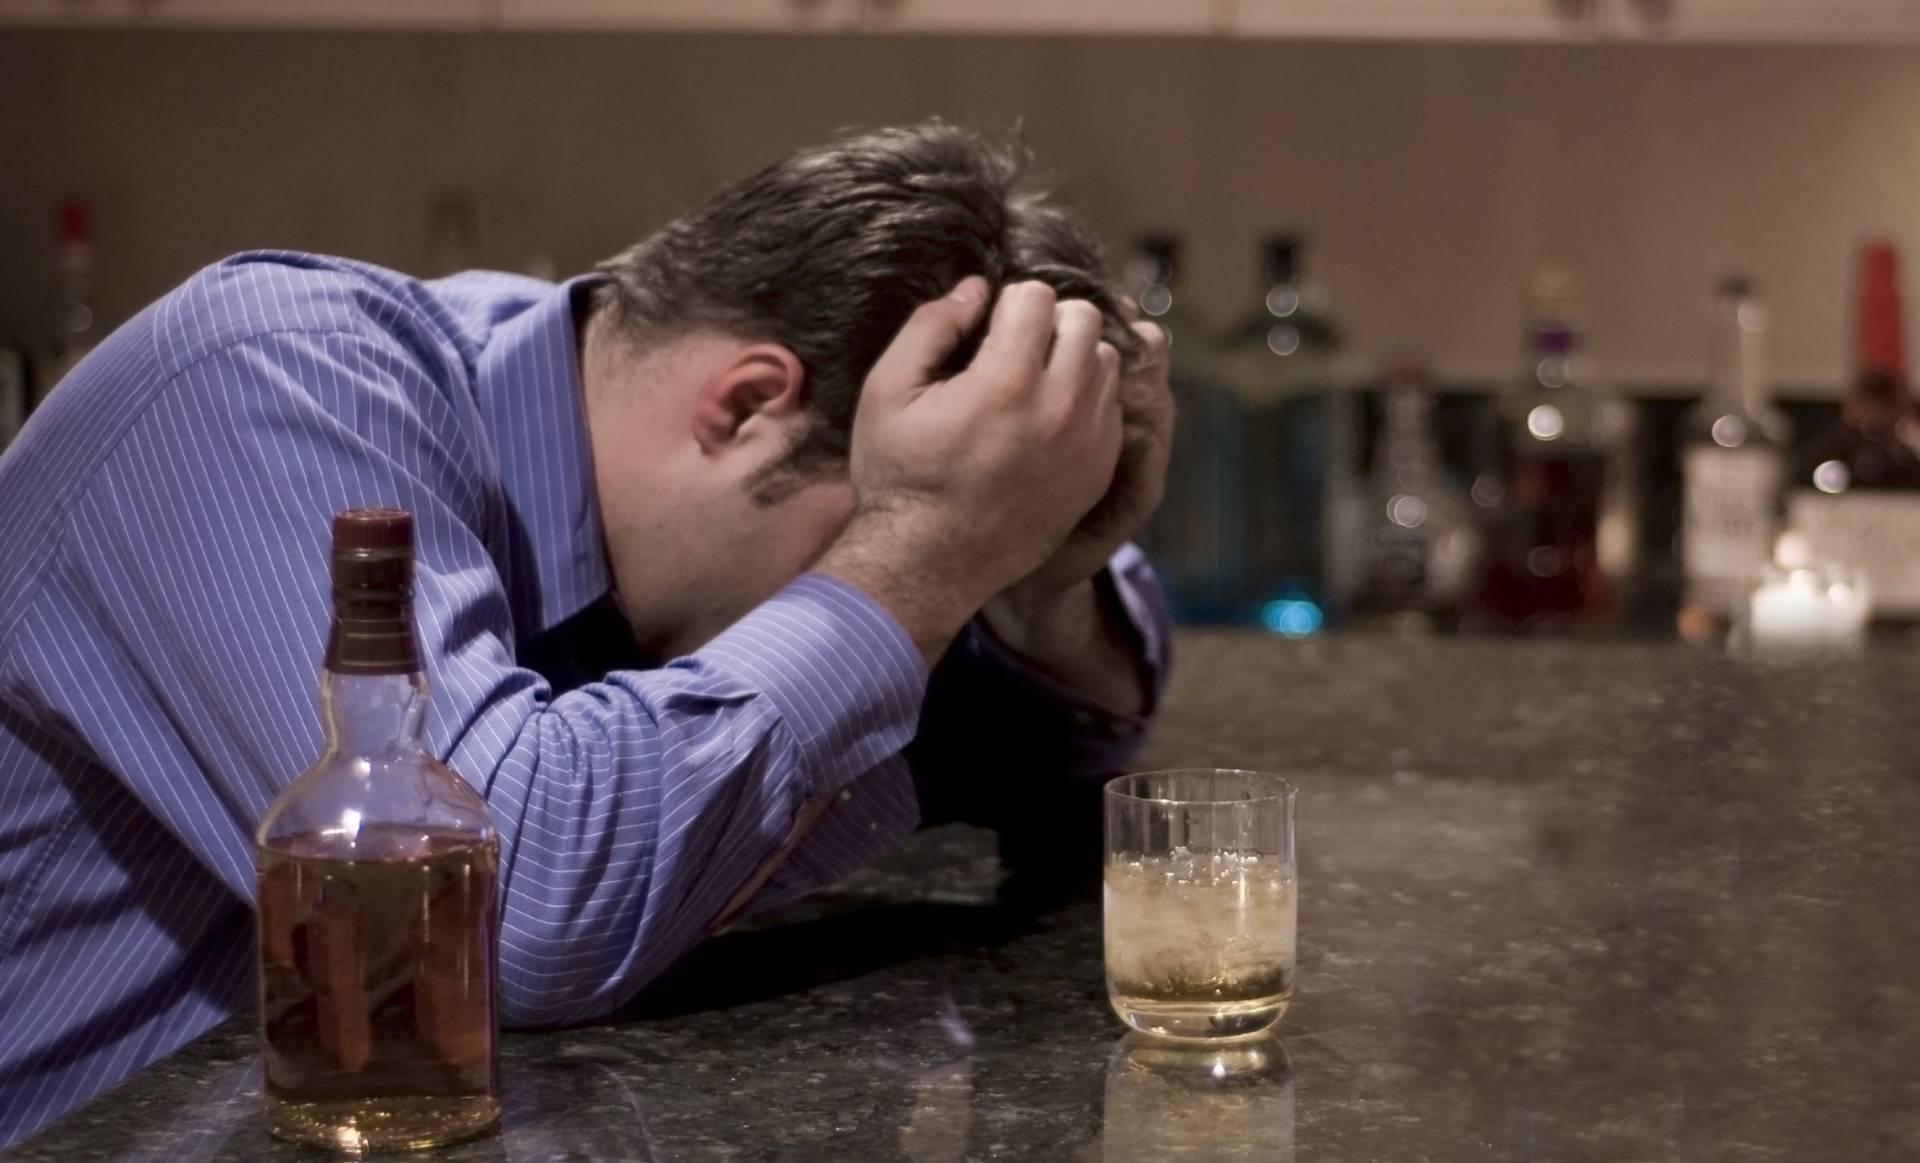 Латентный алкоголизм: как обнаружить проблему вовремя? кто такой латентный (тихий, скрытый) алкоголик, его симптомы и что делать.